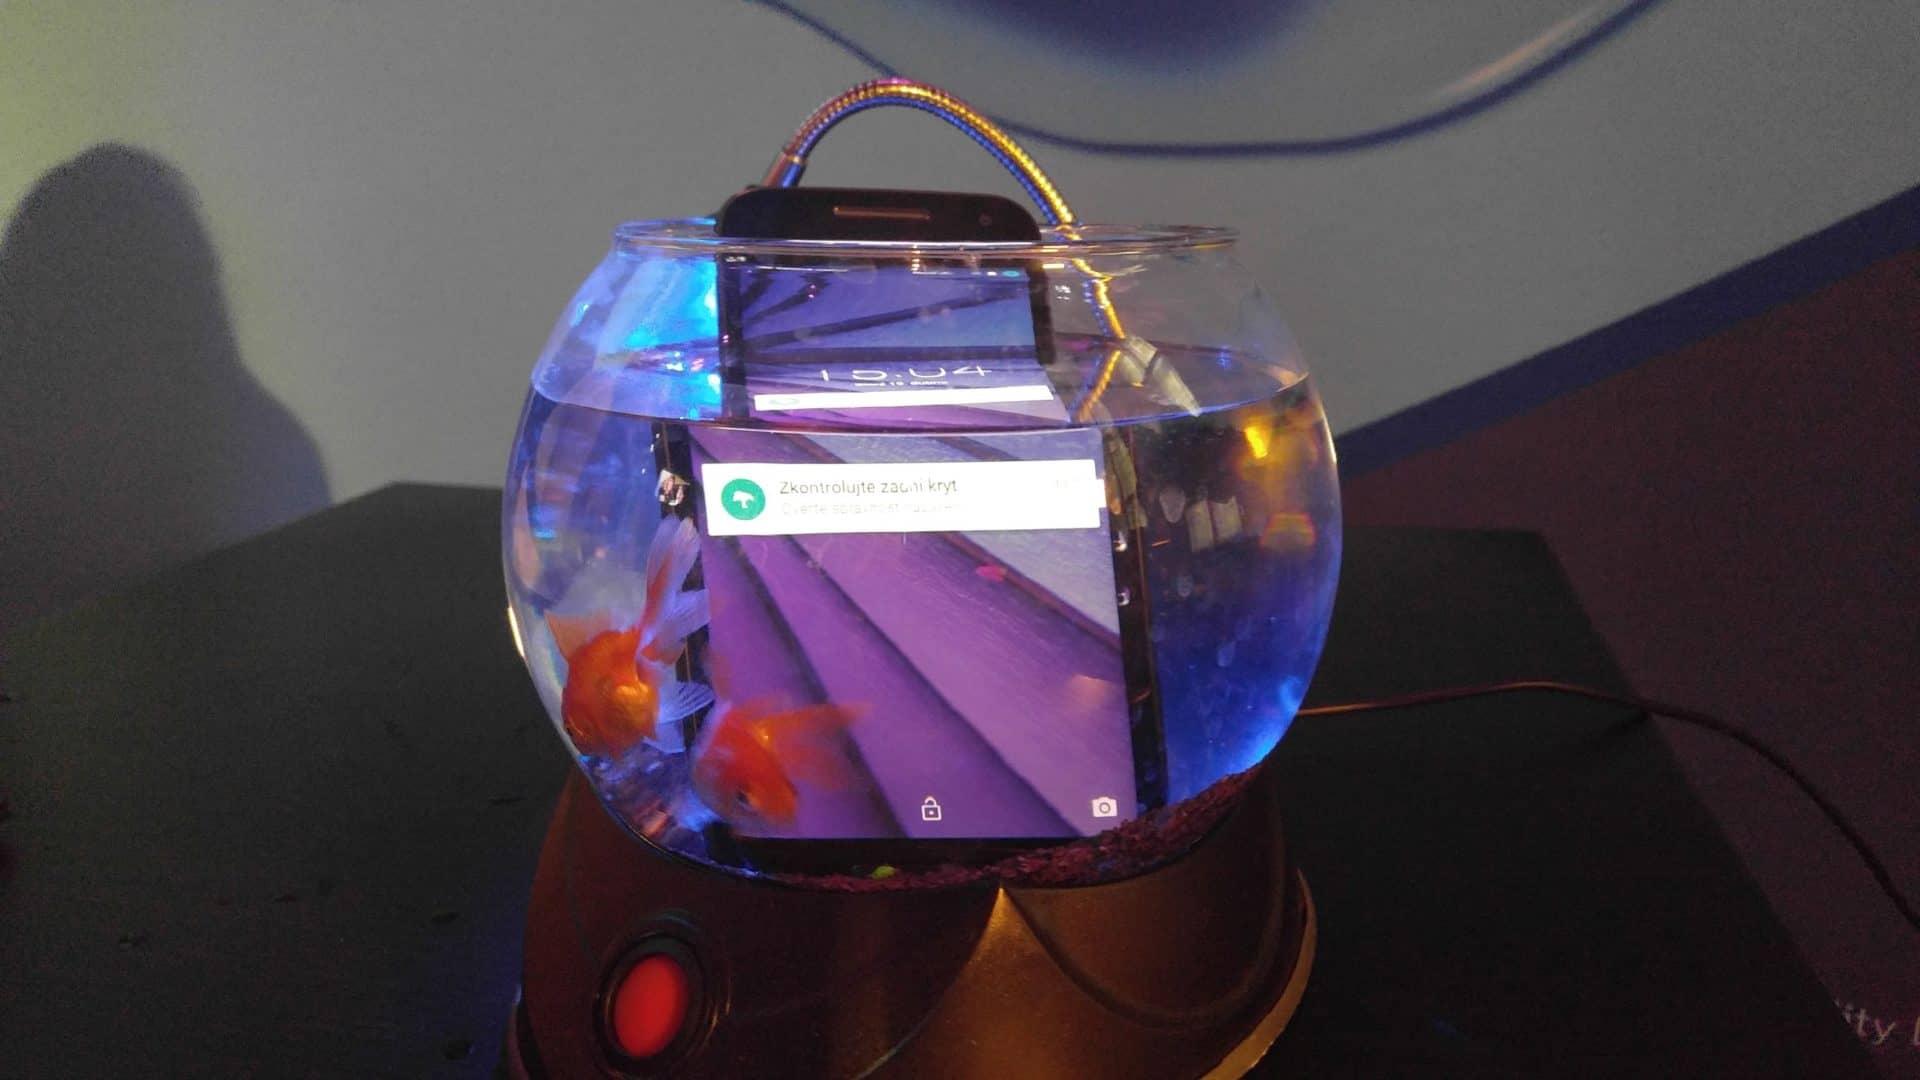 Vodotěsnost byla demonstrována na akváriu s rybičkou